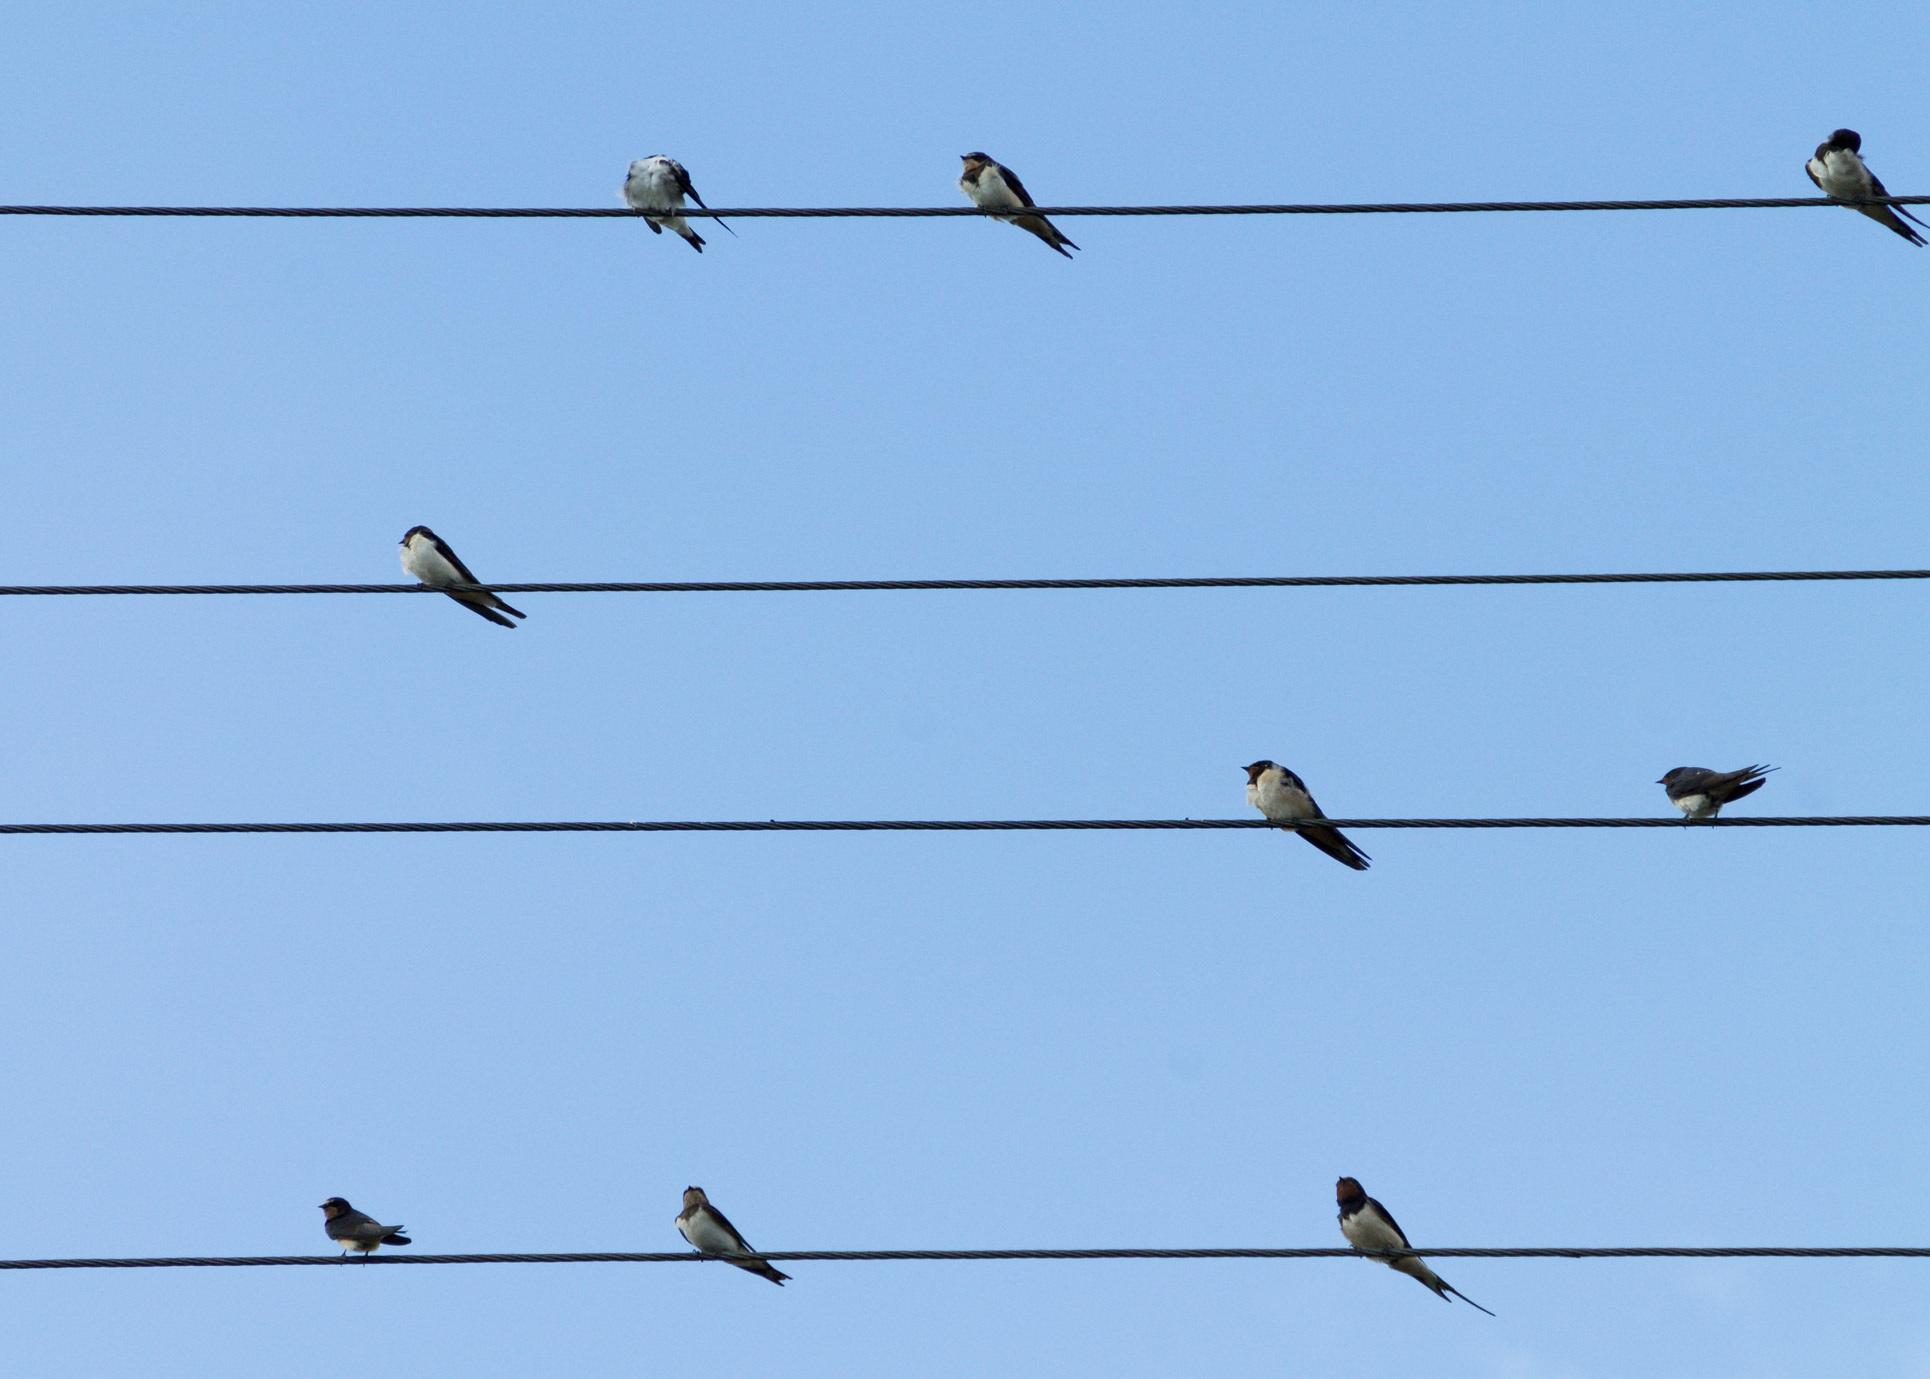 Vögel sitzen auf Stromleitungen